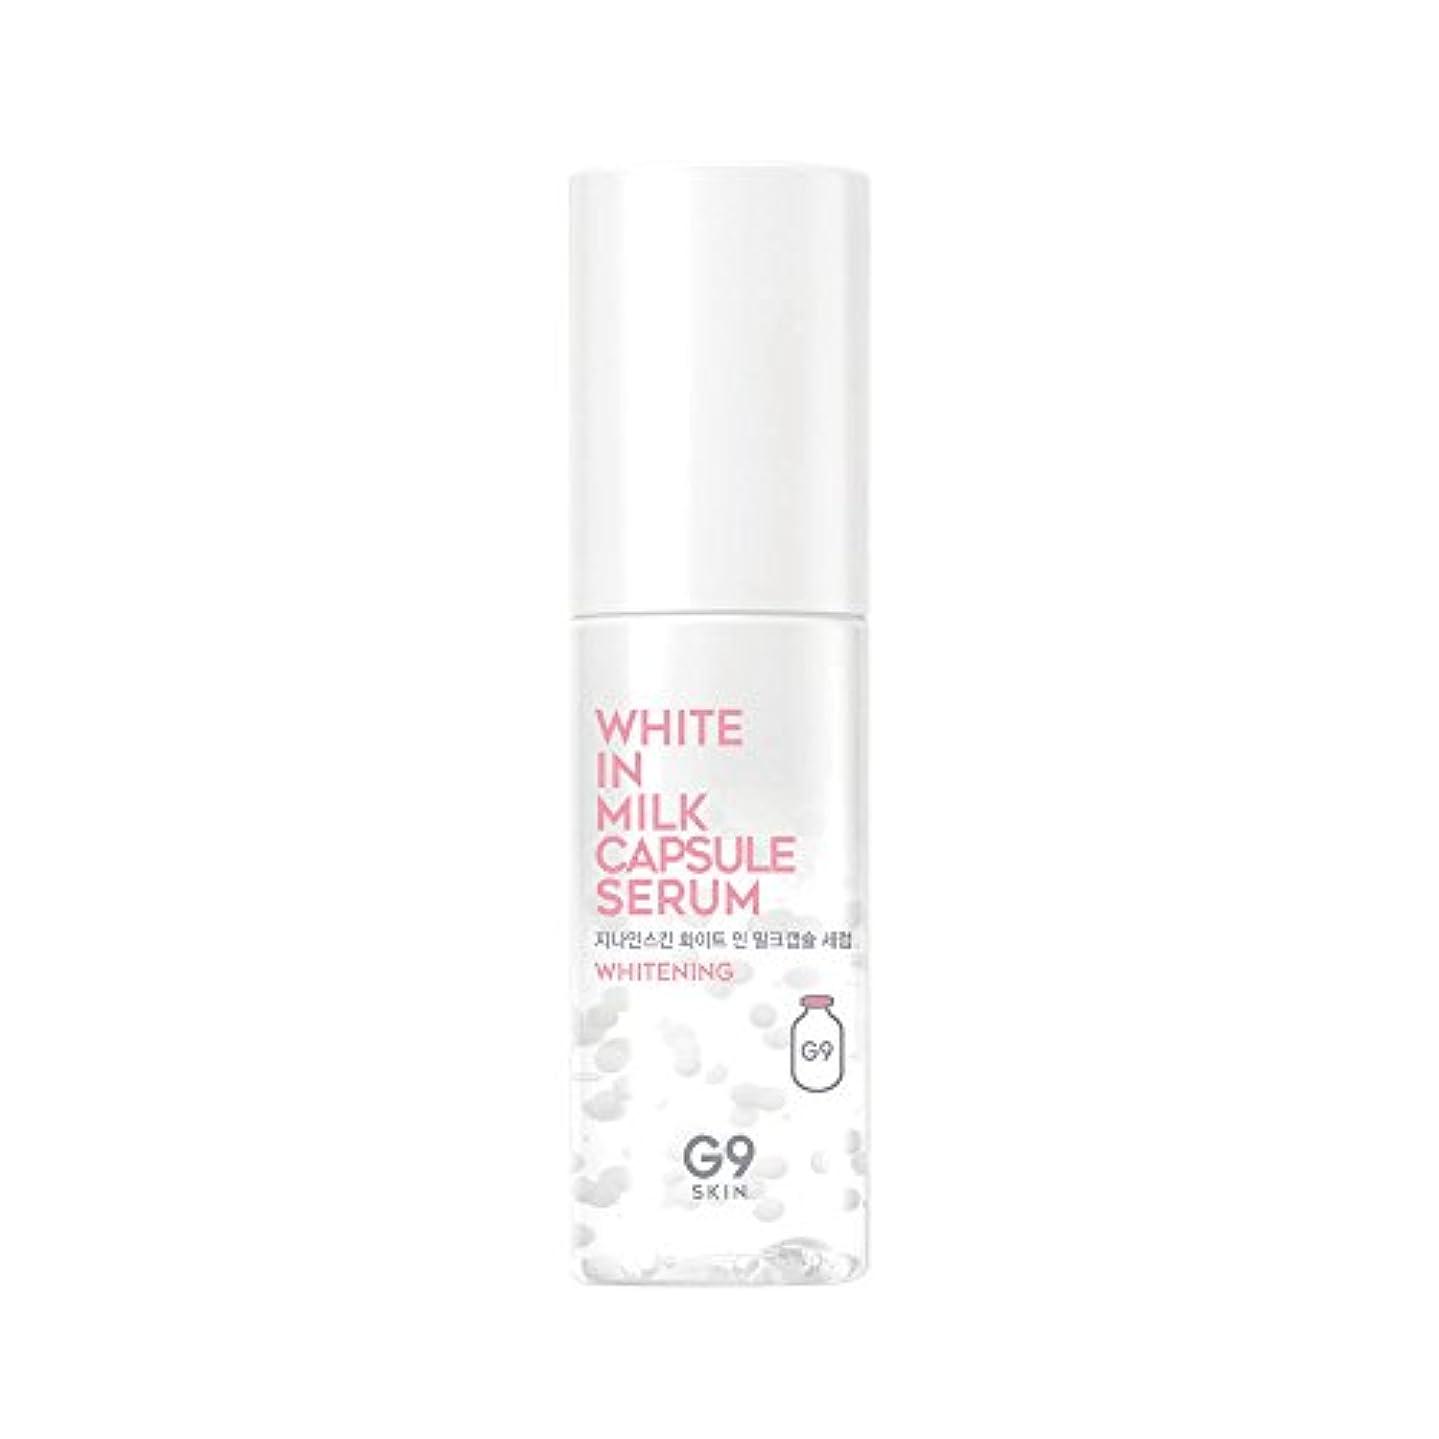 有効化改修する署名G9SKIN(ベリサム) White In Milk Capsule Serum ホワイインミルクカプセルセラム 50ml